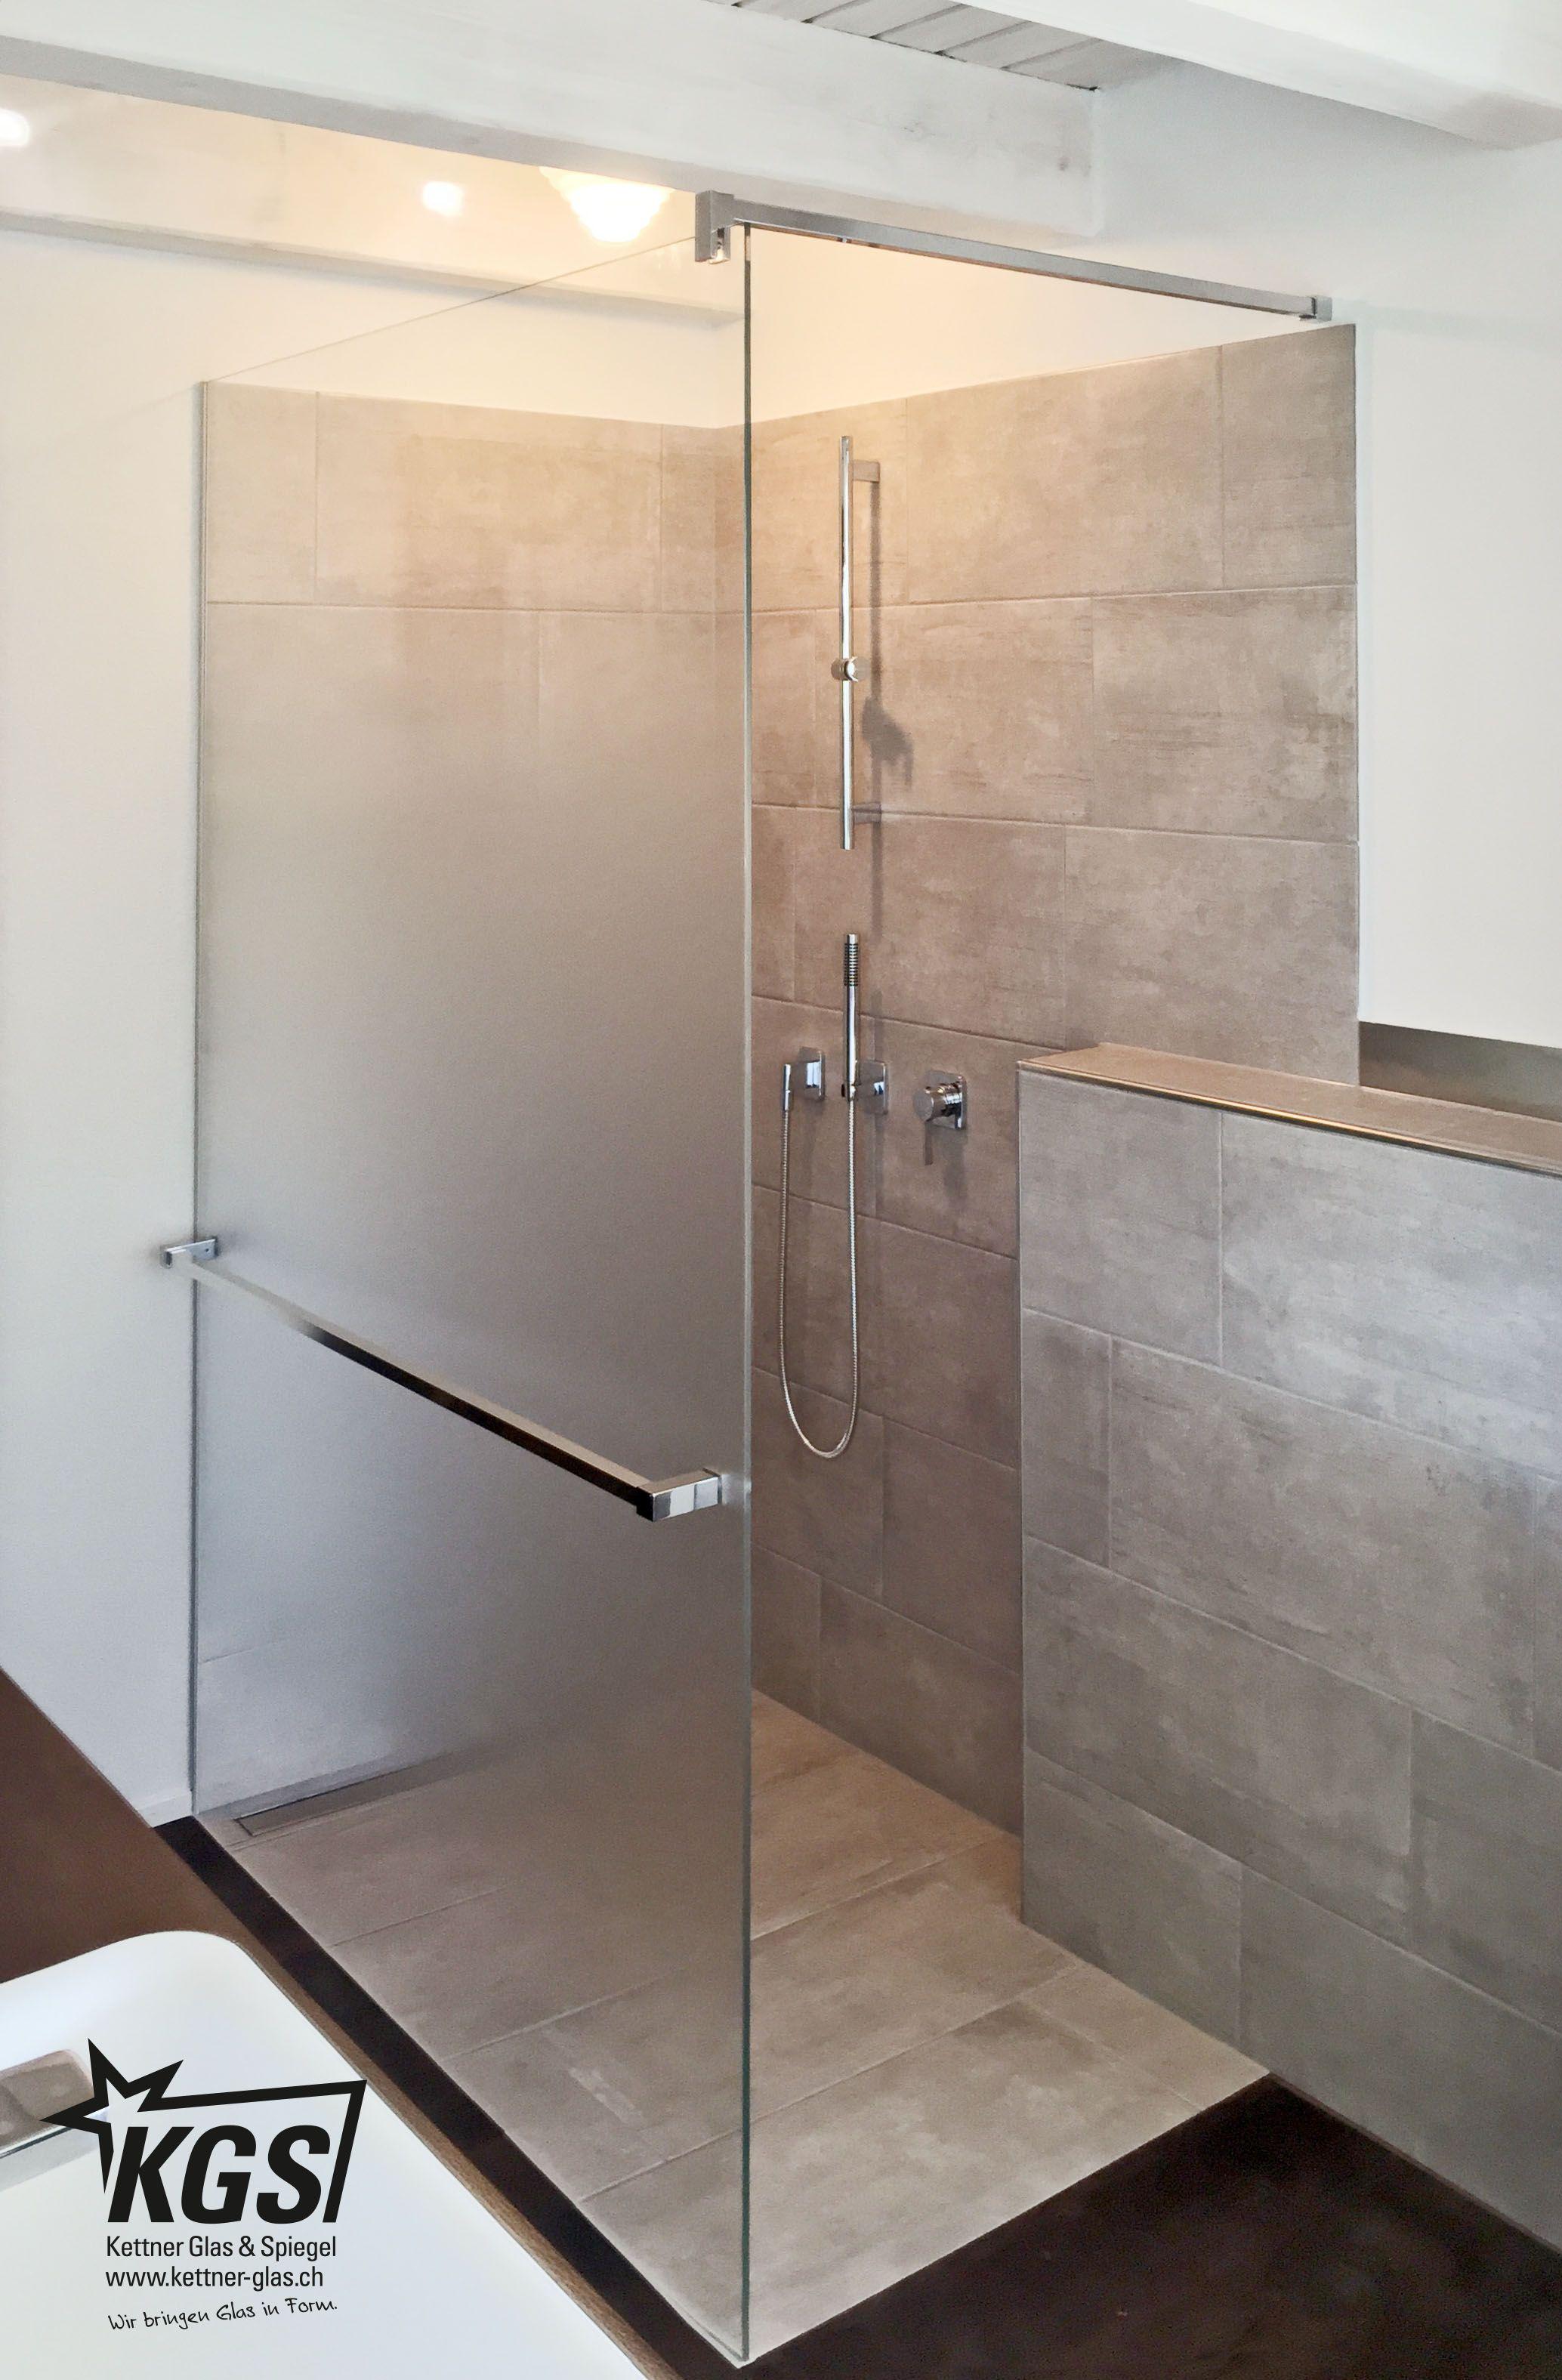 Progressiv Geatzte Duschtrennwand Mit Schragschnitt Im Duschgefalle Handtuchhalter Und Stabilisationsstange Duschtrennwand Badezimmer Dachschrage Dusche